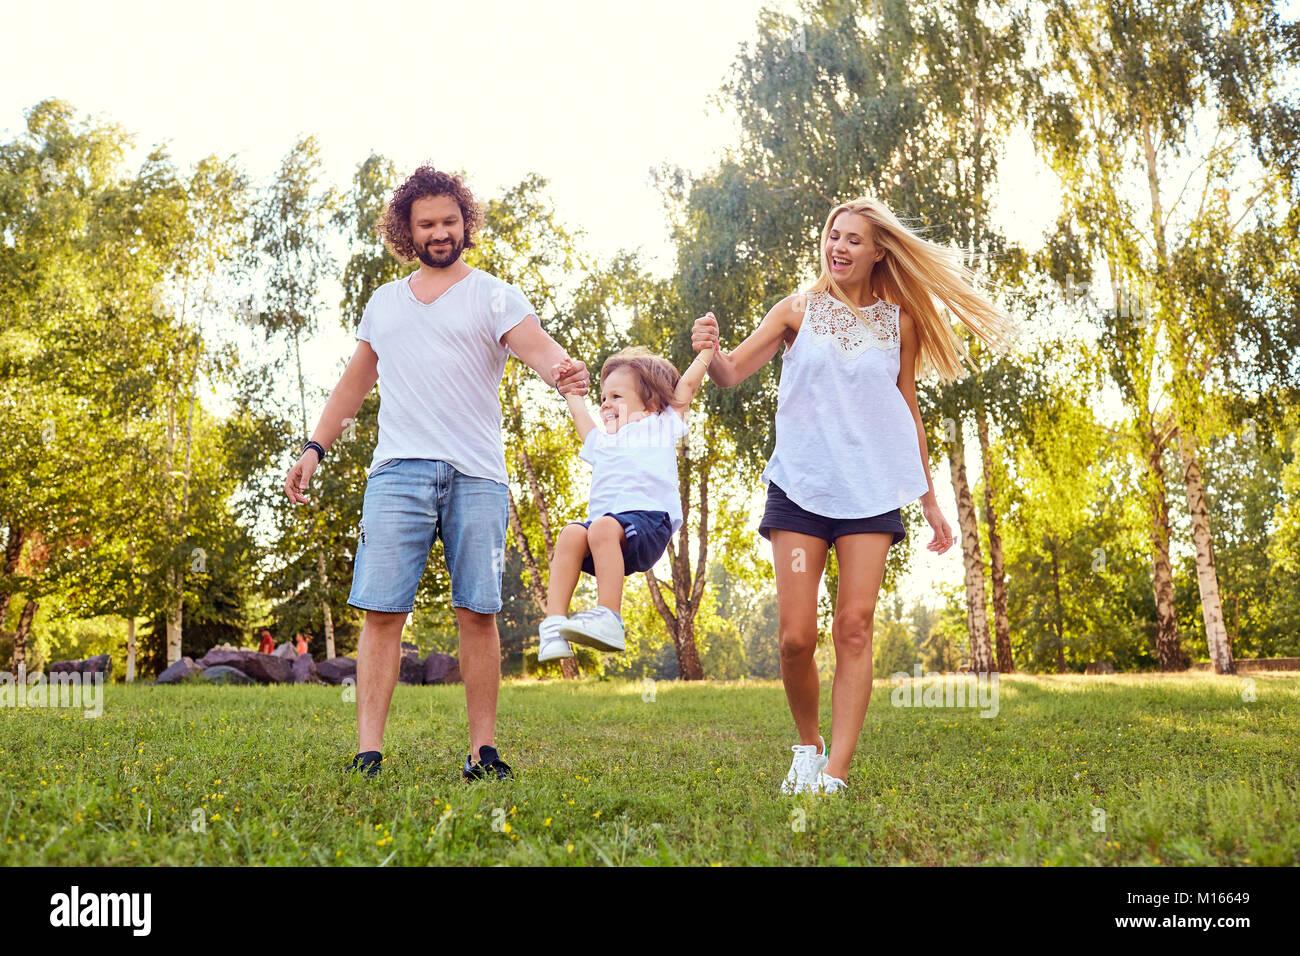 La famiglia felice nel parco. Immagini Stock